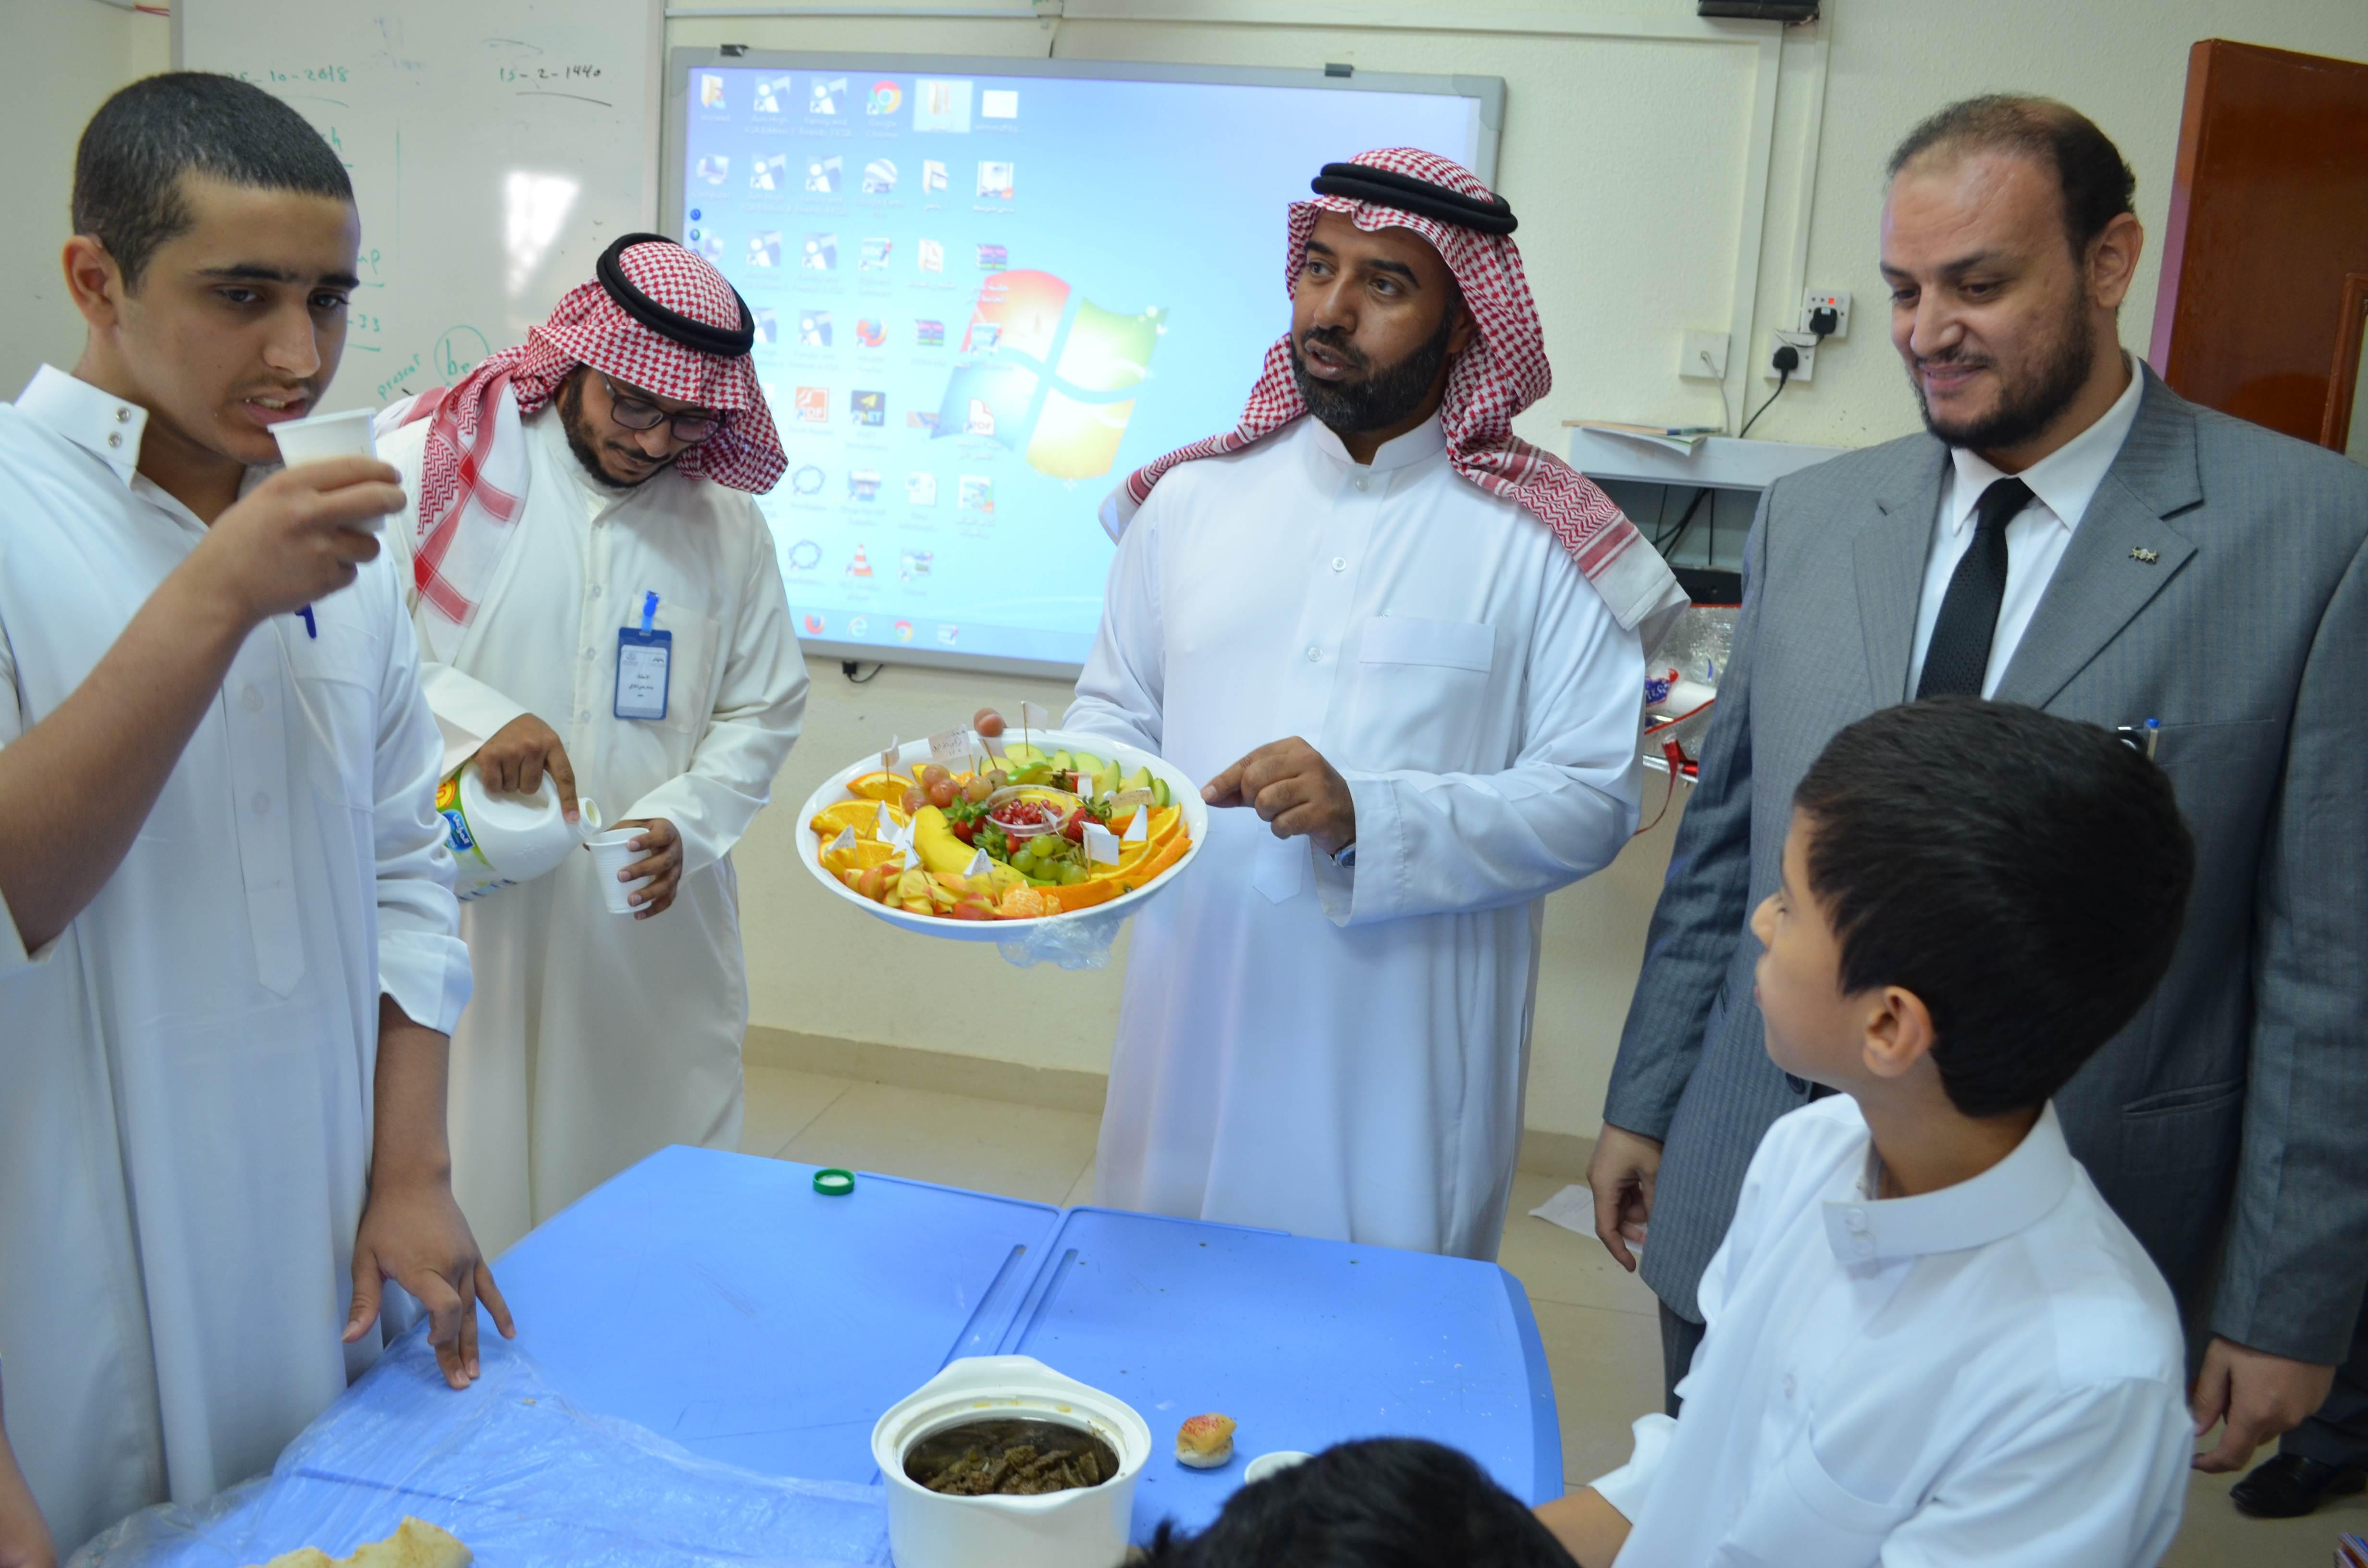 حفل افطار جماعي صحي بالمدرسة